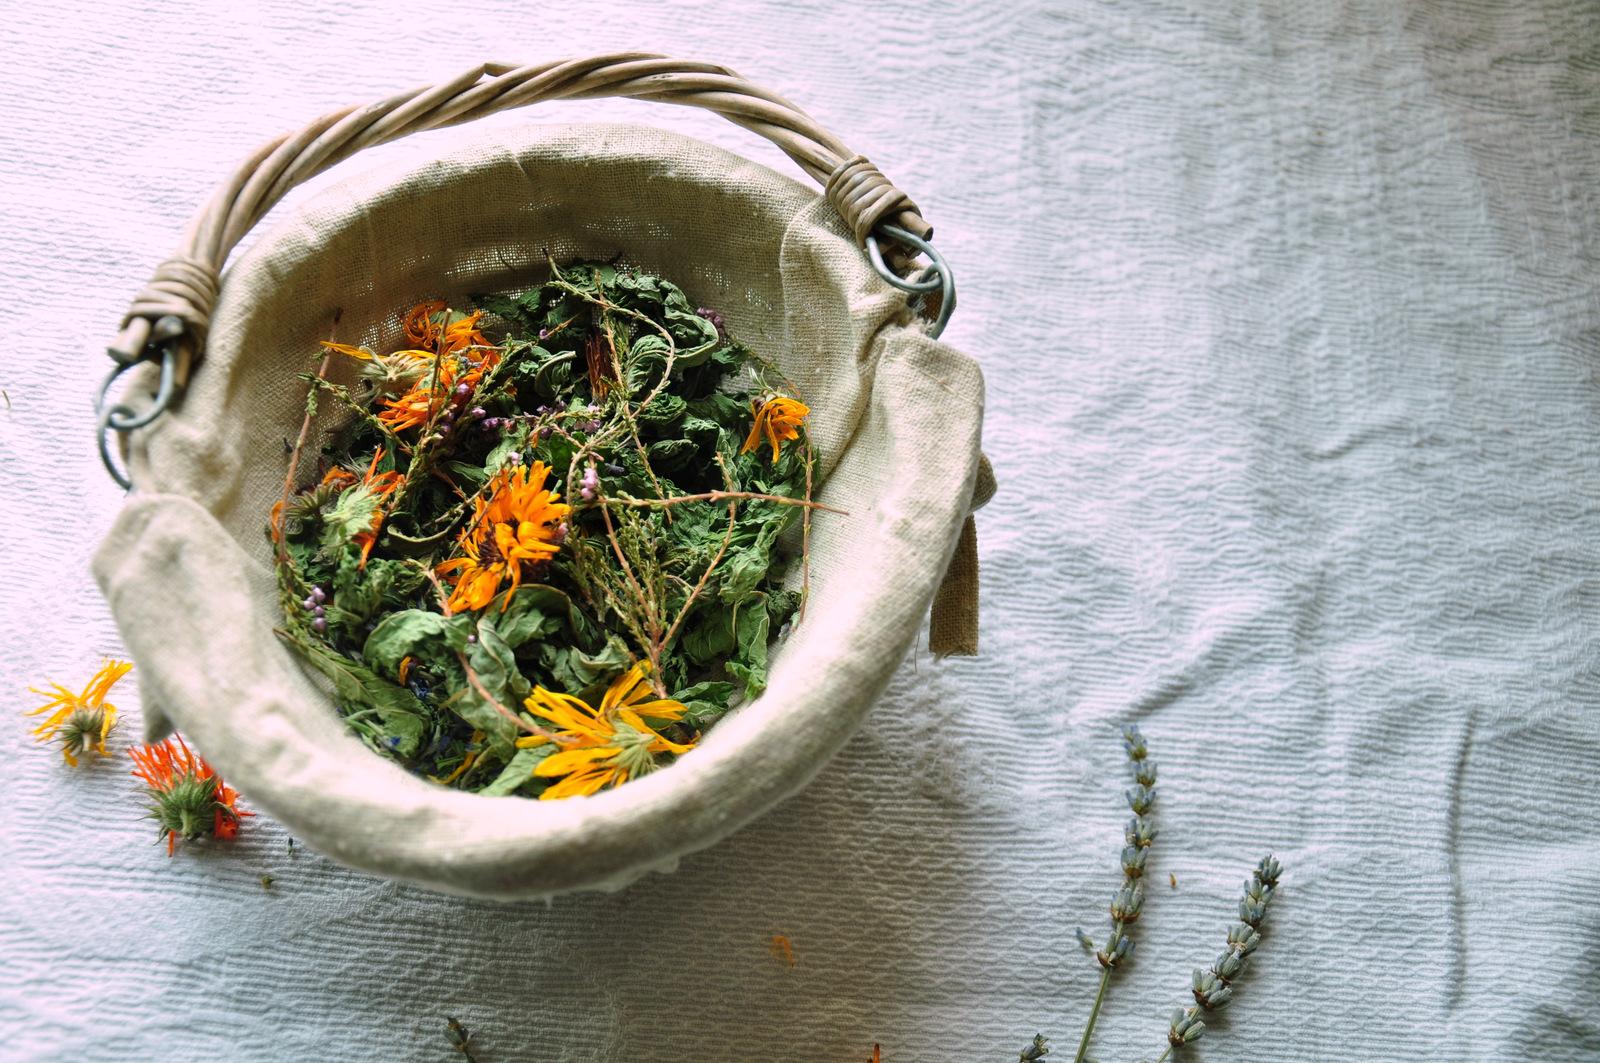 Au jardin d'Aïda, tisane bio, plantes aromatiques et médicinales, creuse, boussac, limousin, nouvelle aquitaine, tisane biologique